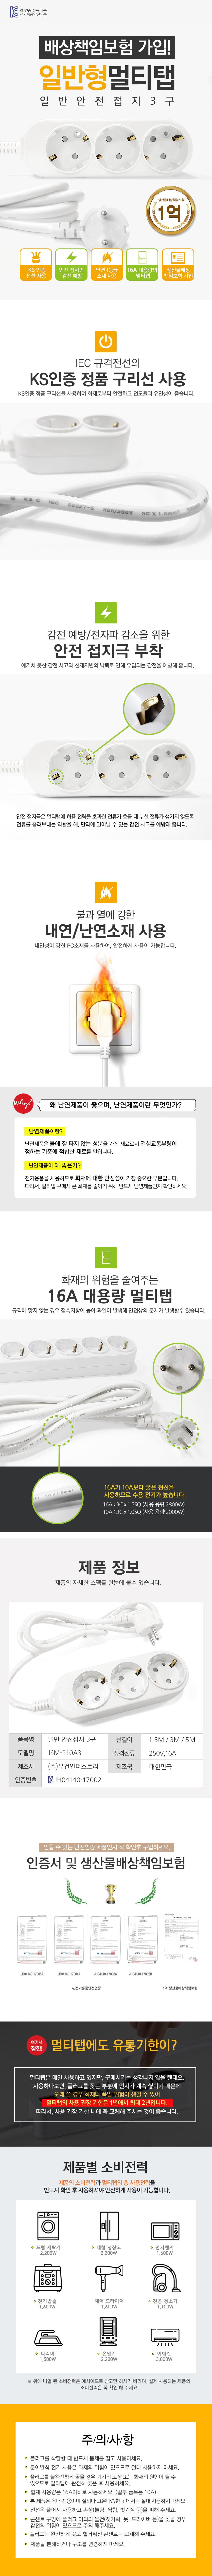 유건인더스트리 유건인더스트리 3구 16A 일반 멀티탭 (3m)